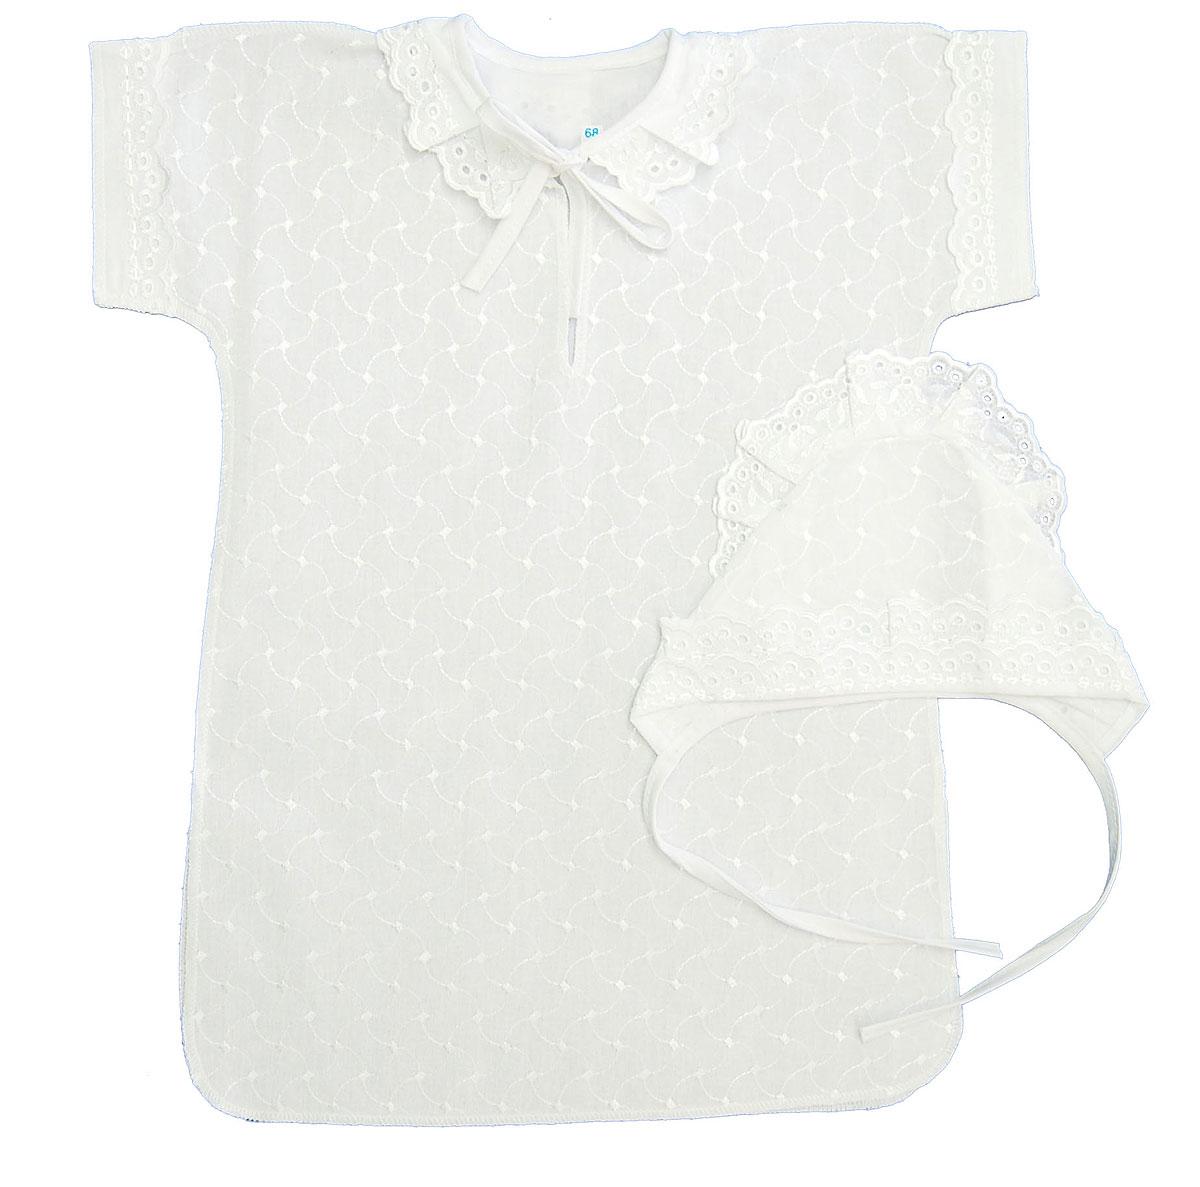 Крестильный набор Трон-плюс комплект для крещения детский трон плюс рубашка чепчик пеленка цвет белый 1417 размер 62 3 месяца